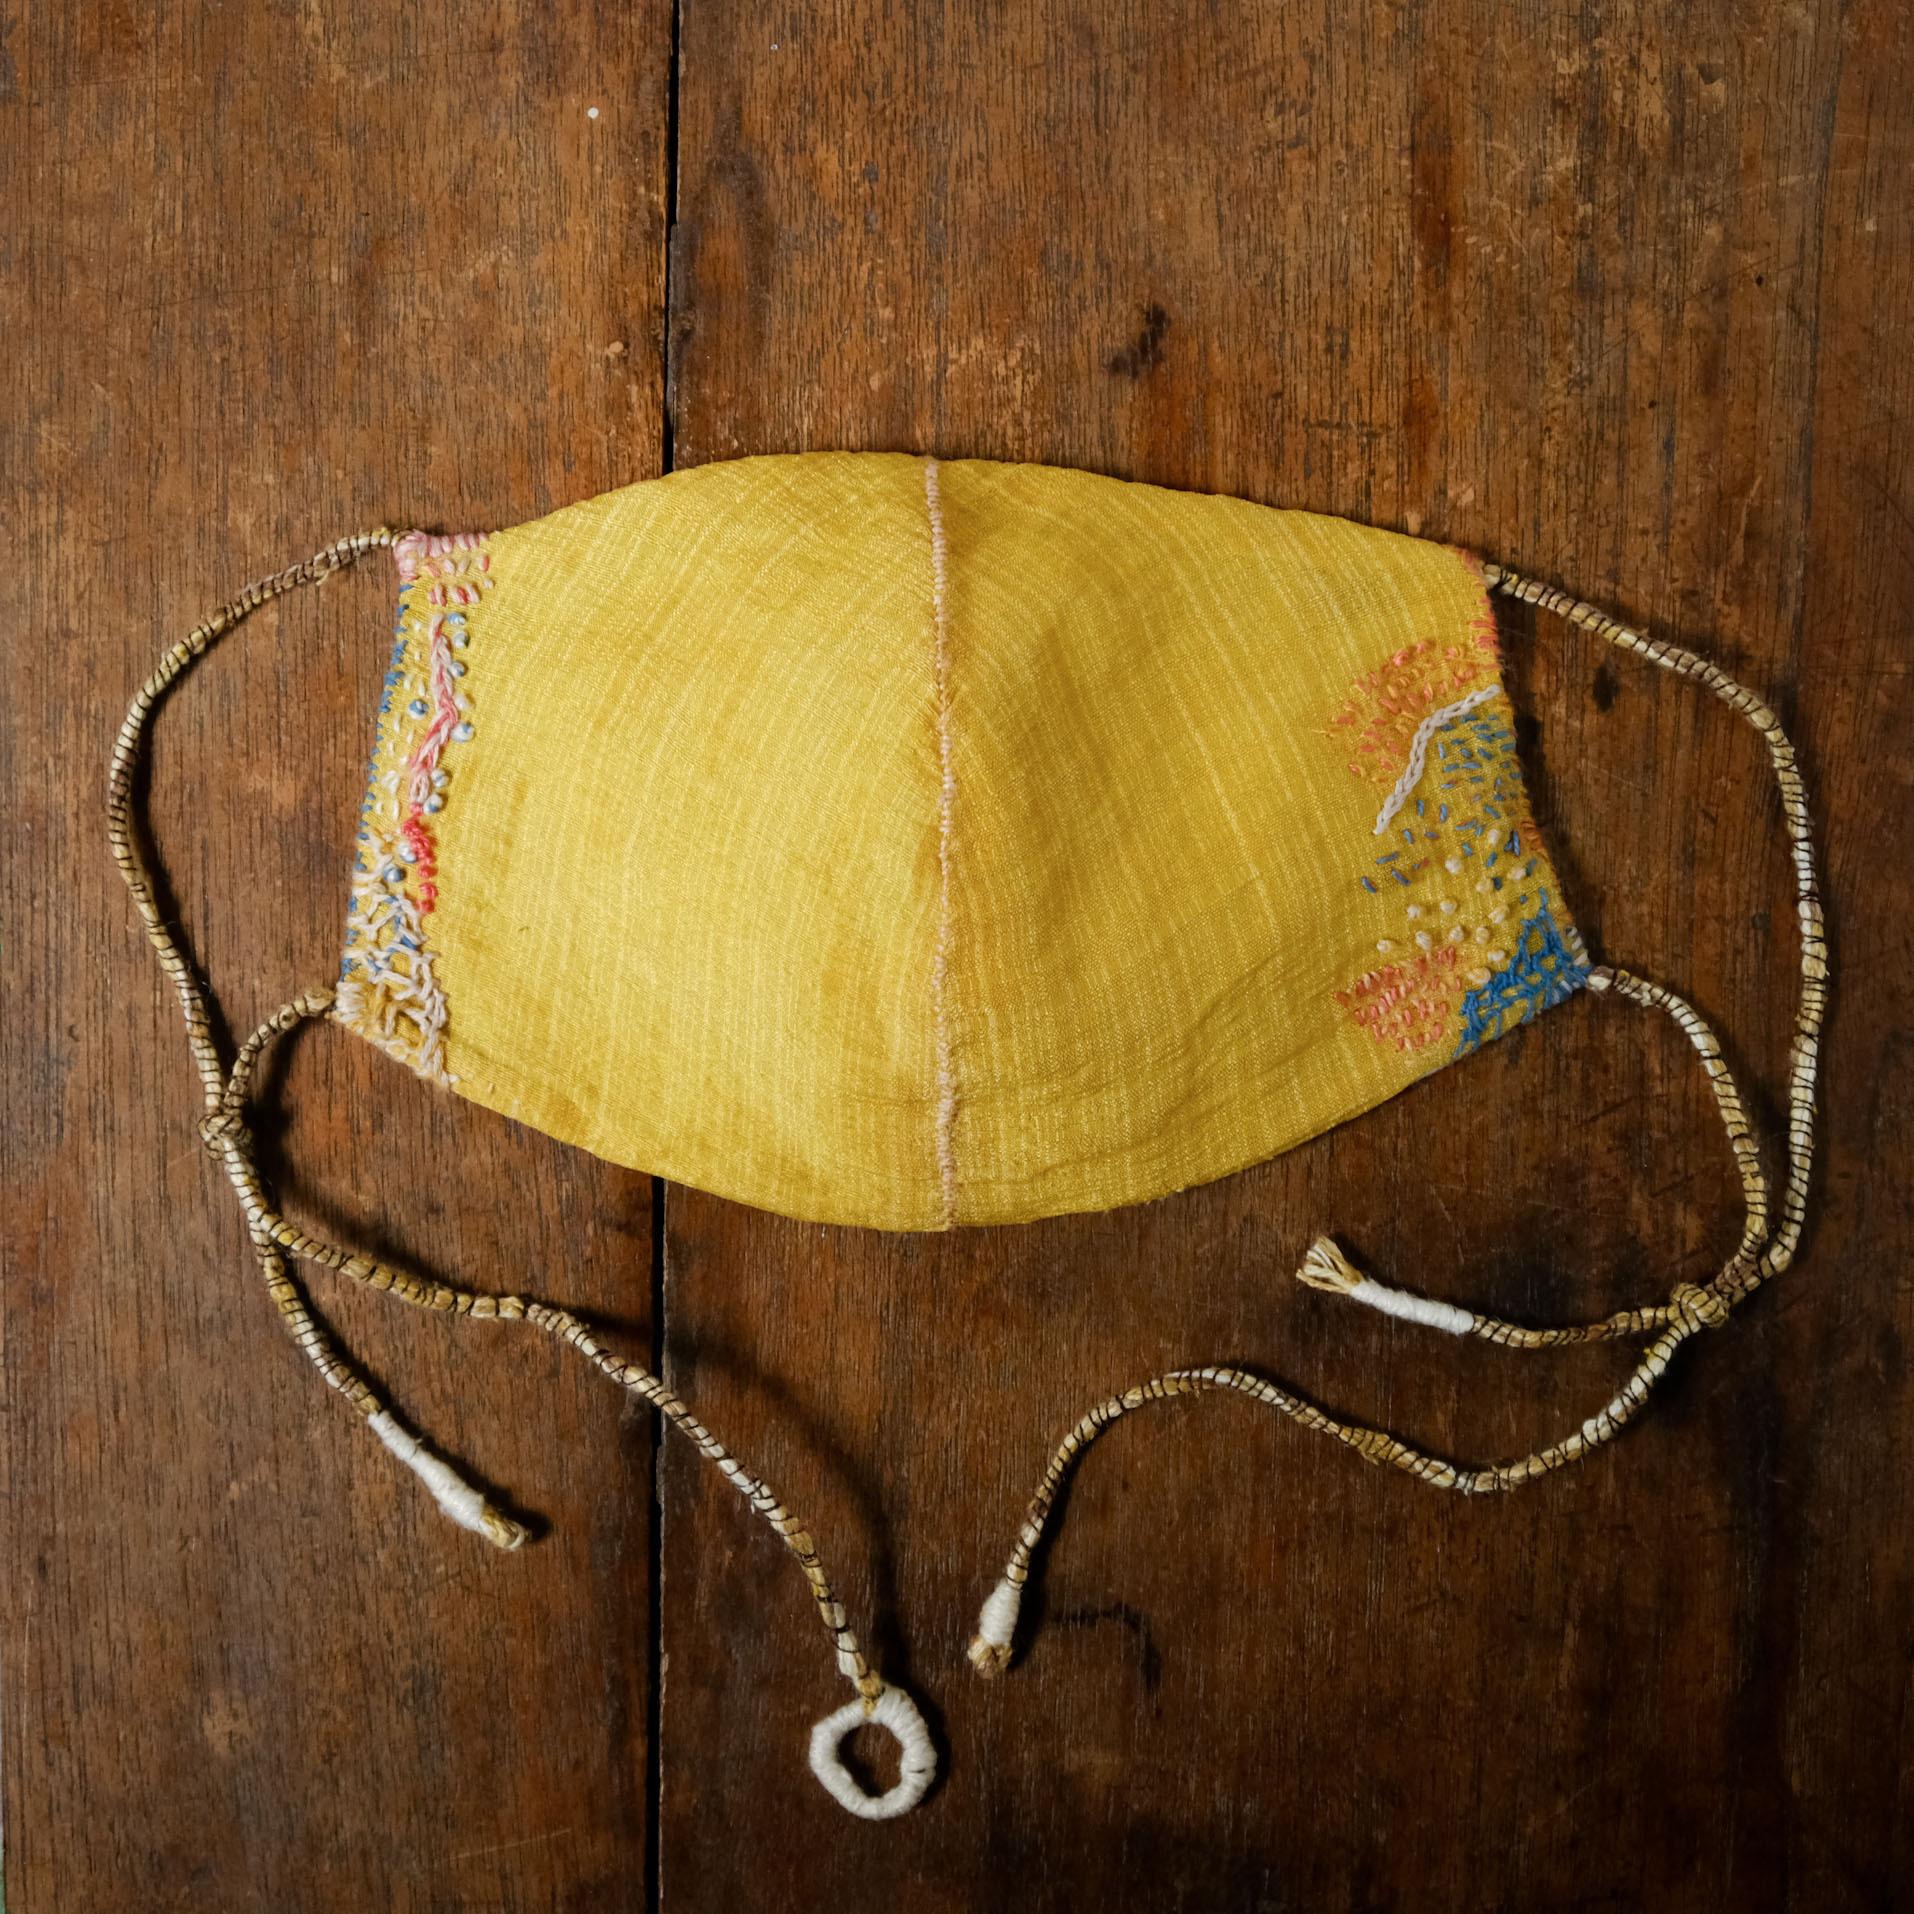 自然の布マスク #33「 joy 」草木染絹と炭染有機木綿